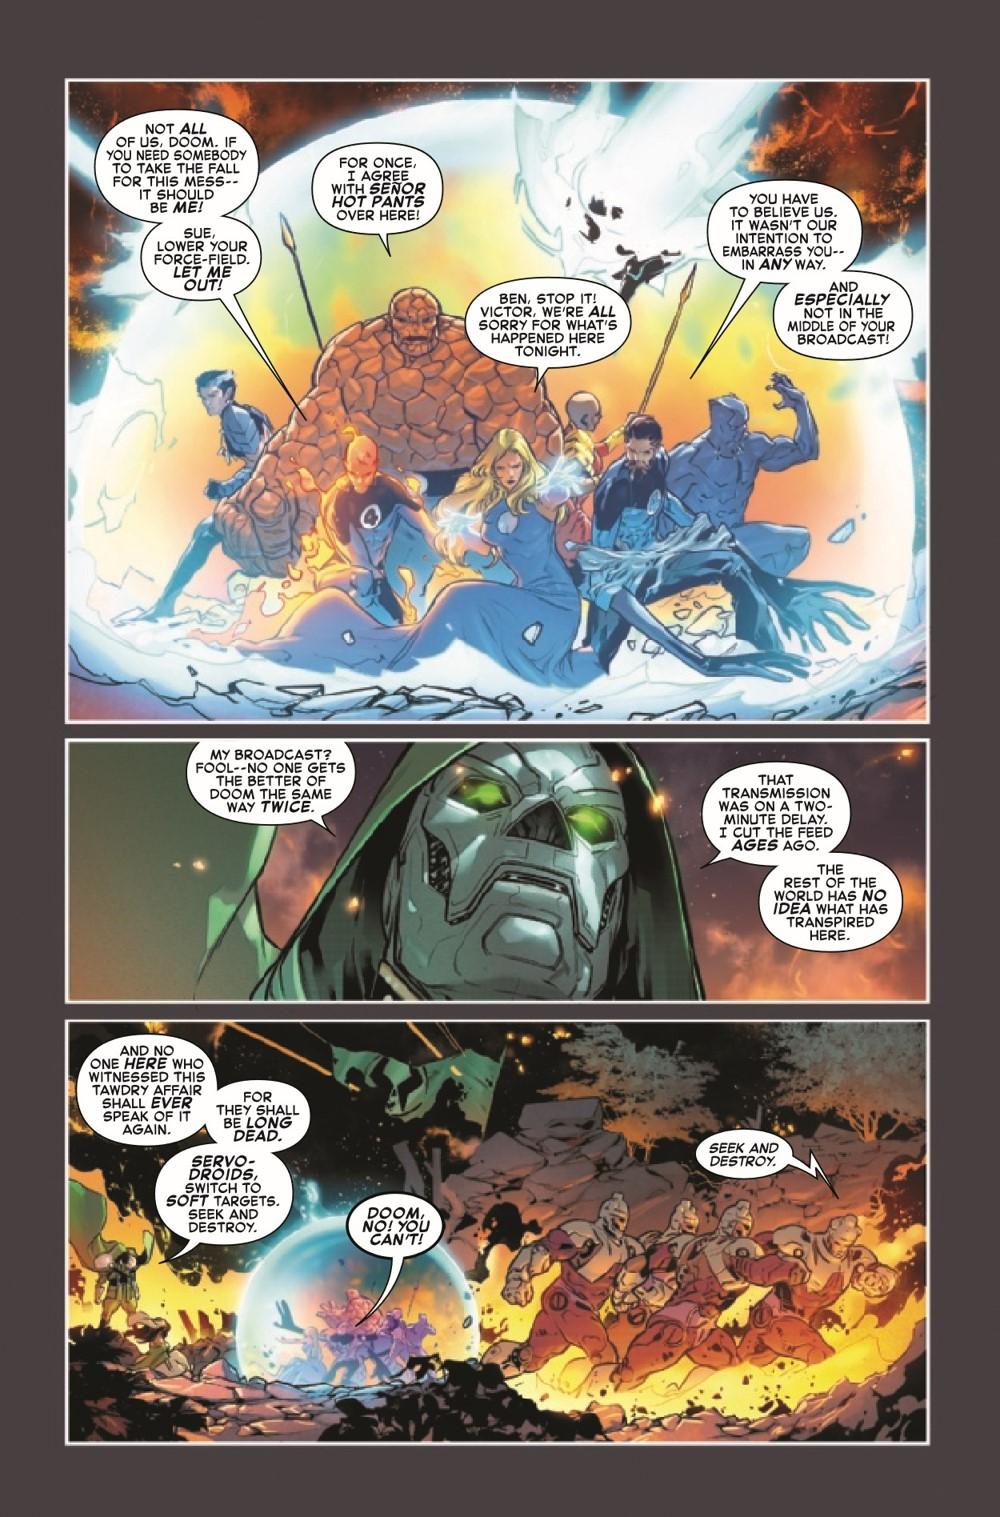 FF2018034_Preview-5 ComicList Previews: FANTASTIC FOUR #34